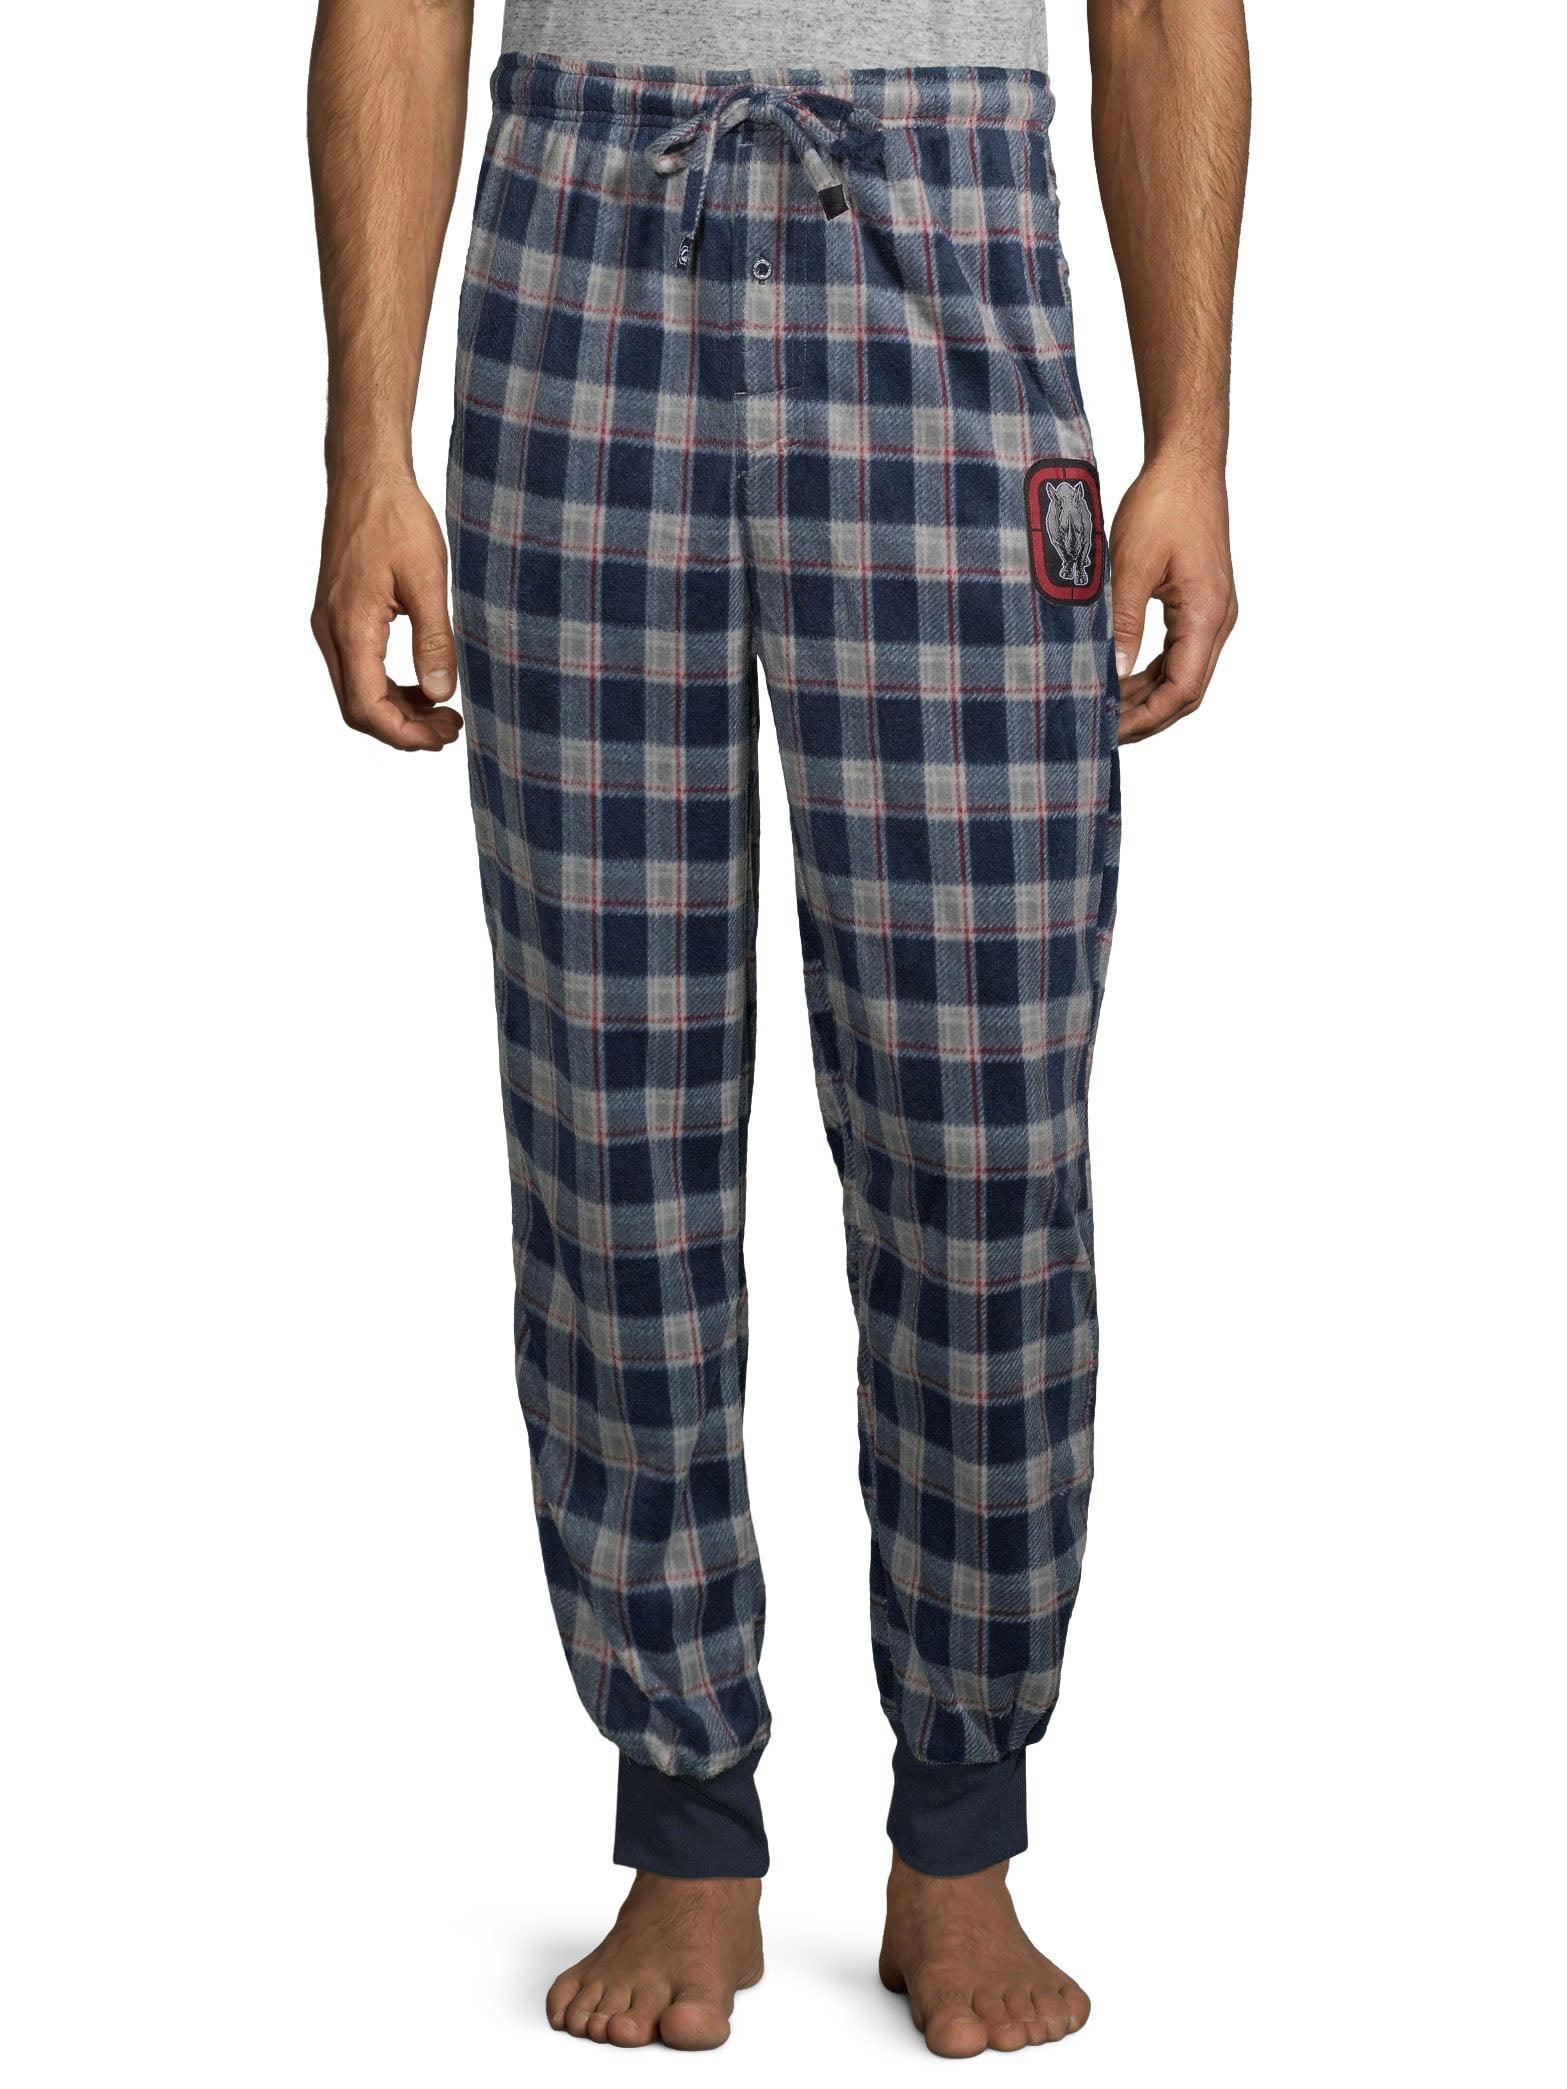 Ecko Unltd More Styles Available Boys Fleece Pant